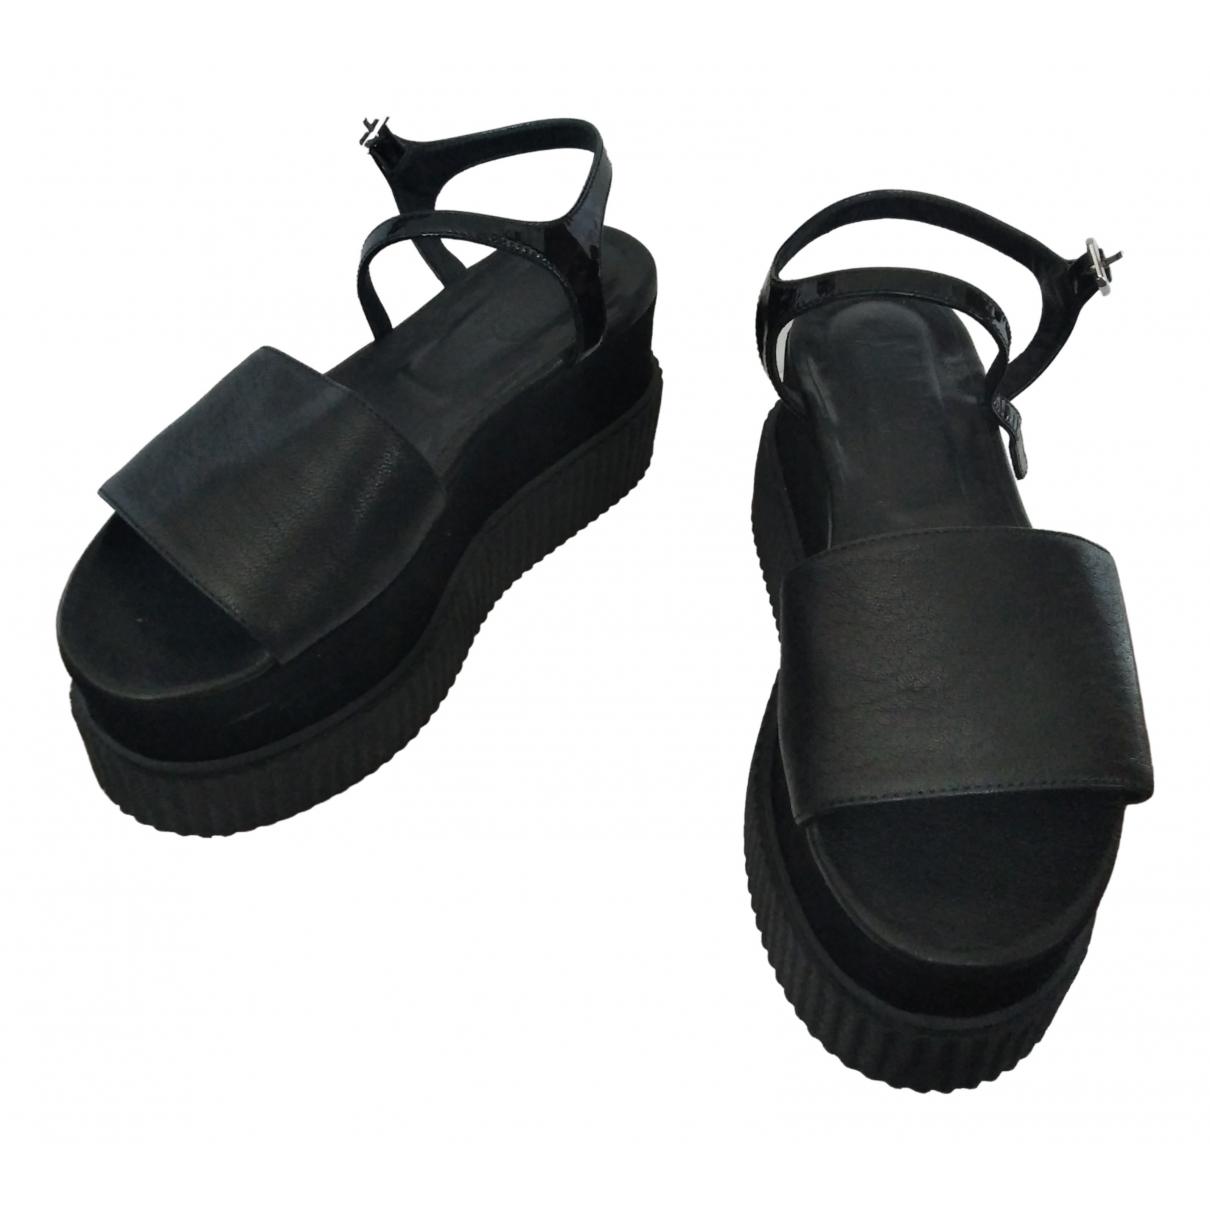 Mm6 - Sandales   pour femme en cuir - noir